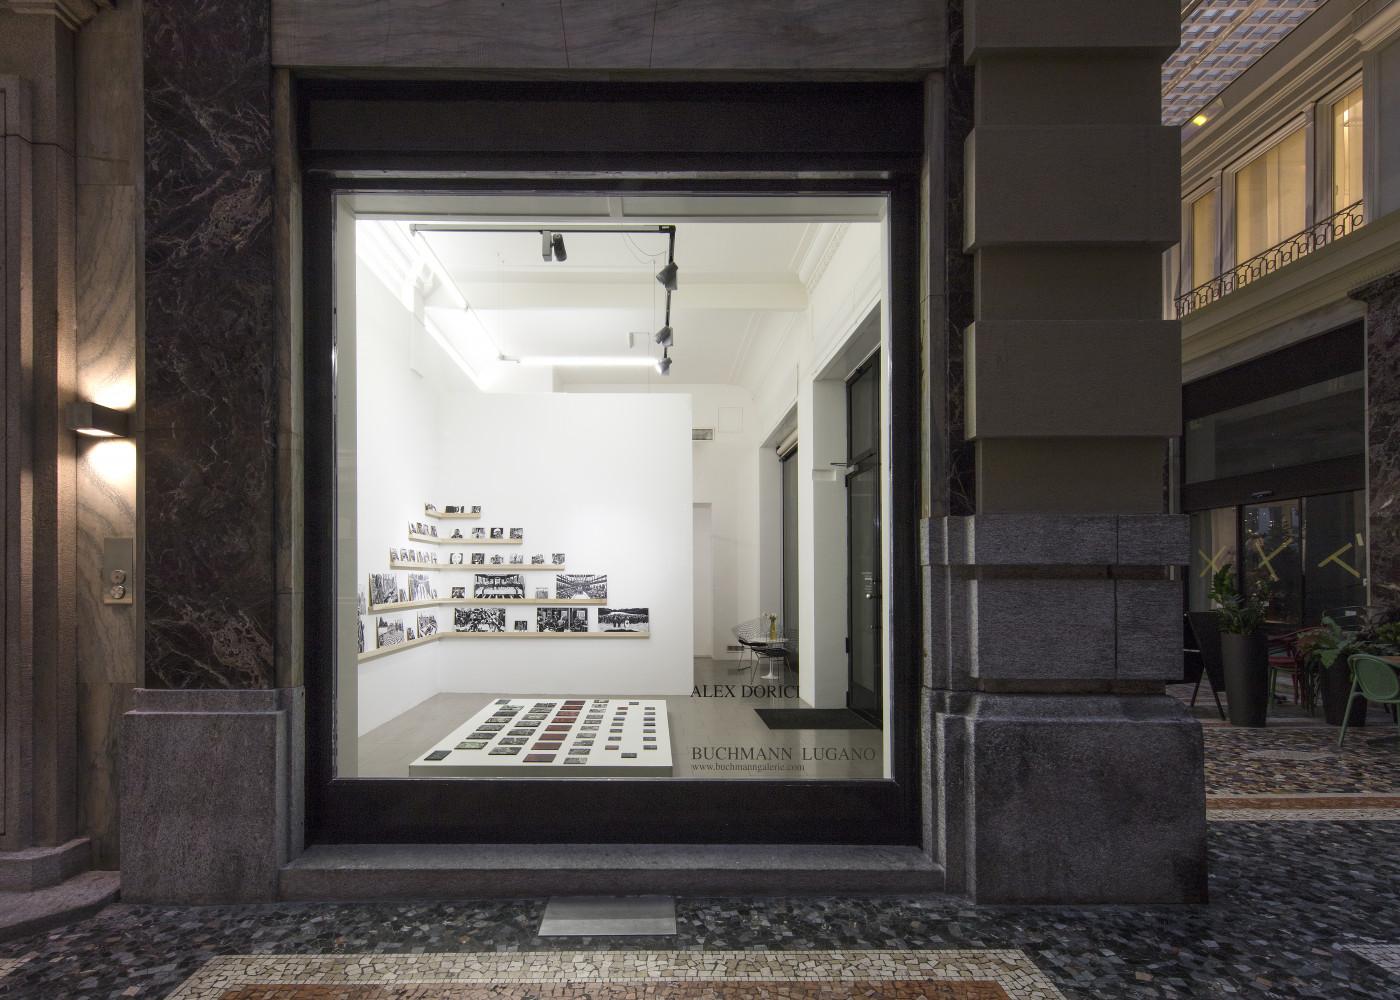 """Alex Dorici, '""""Diario di Viaggio"""", 2020', Installation view, Buchmann Lugano"""